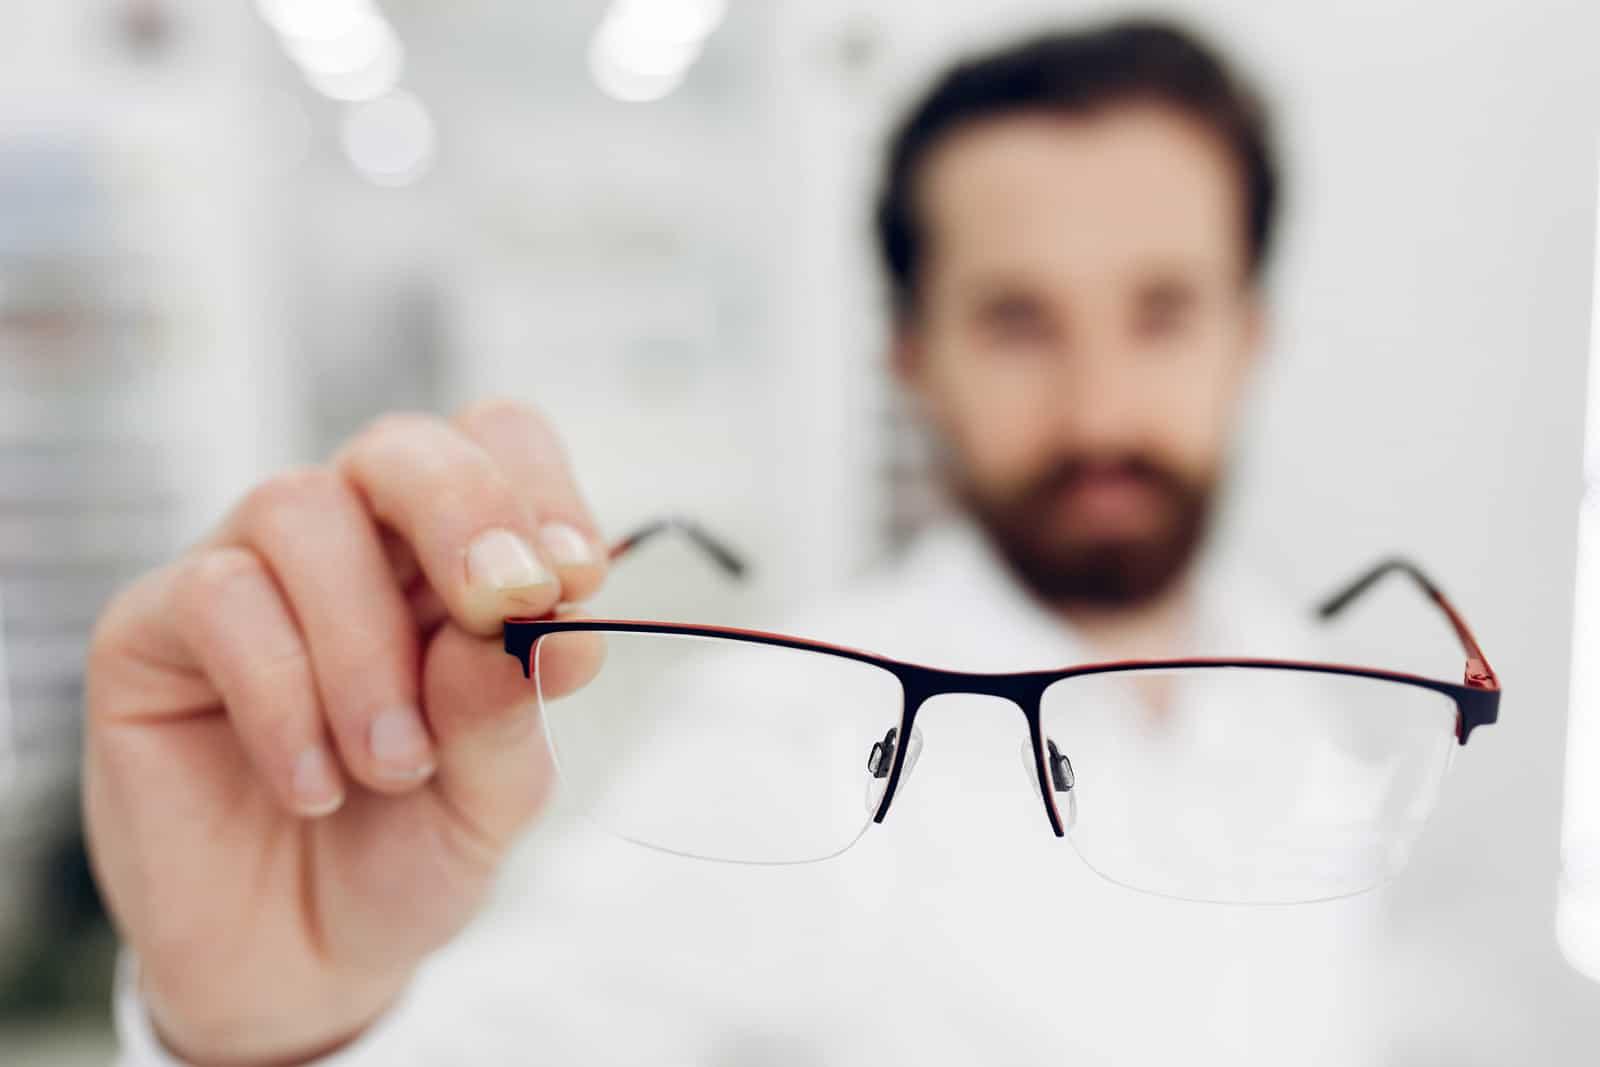 Súlyos betegséget jelezhet a szem | Magyar Nemzet